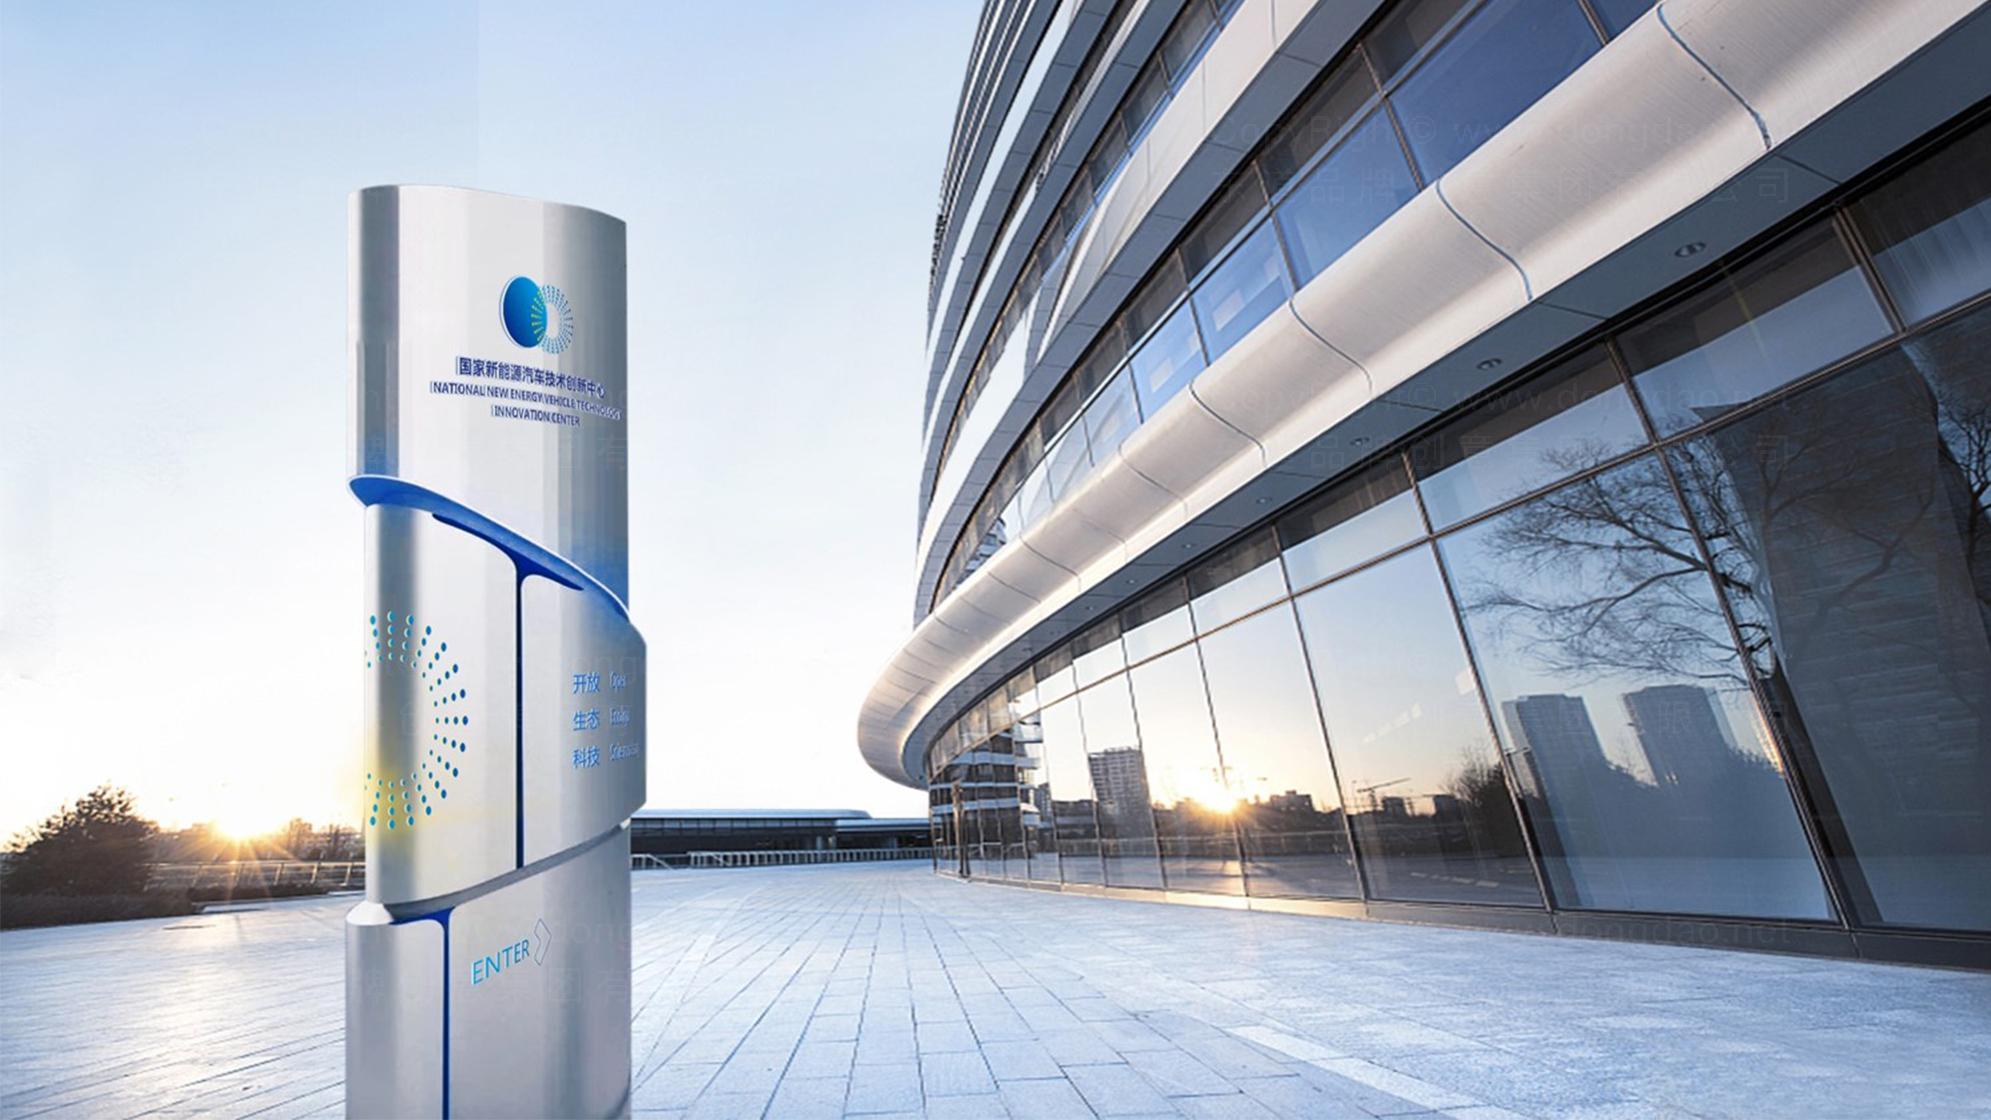 品牌设计国家新能源汽车技术创新中心标志设计应用场景_1